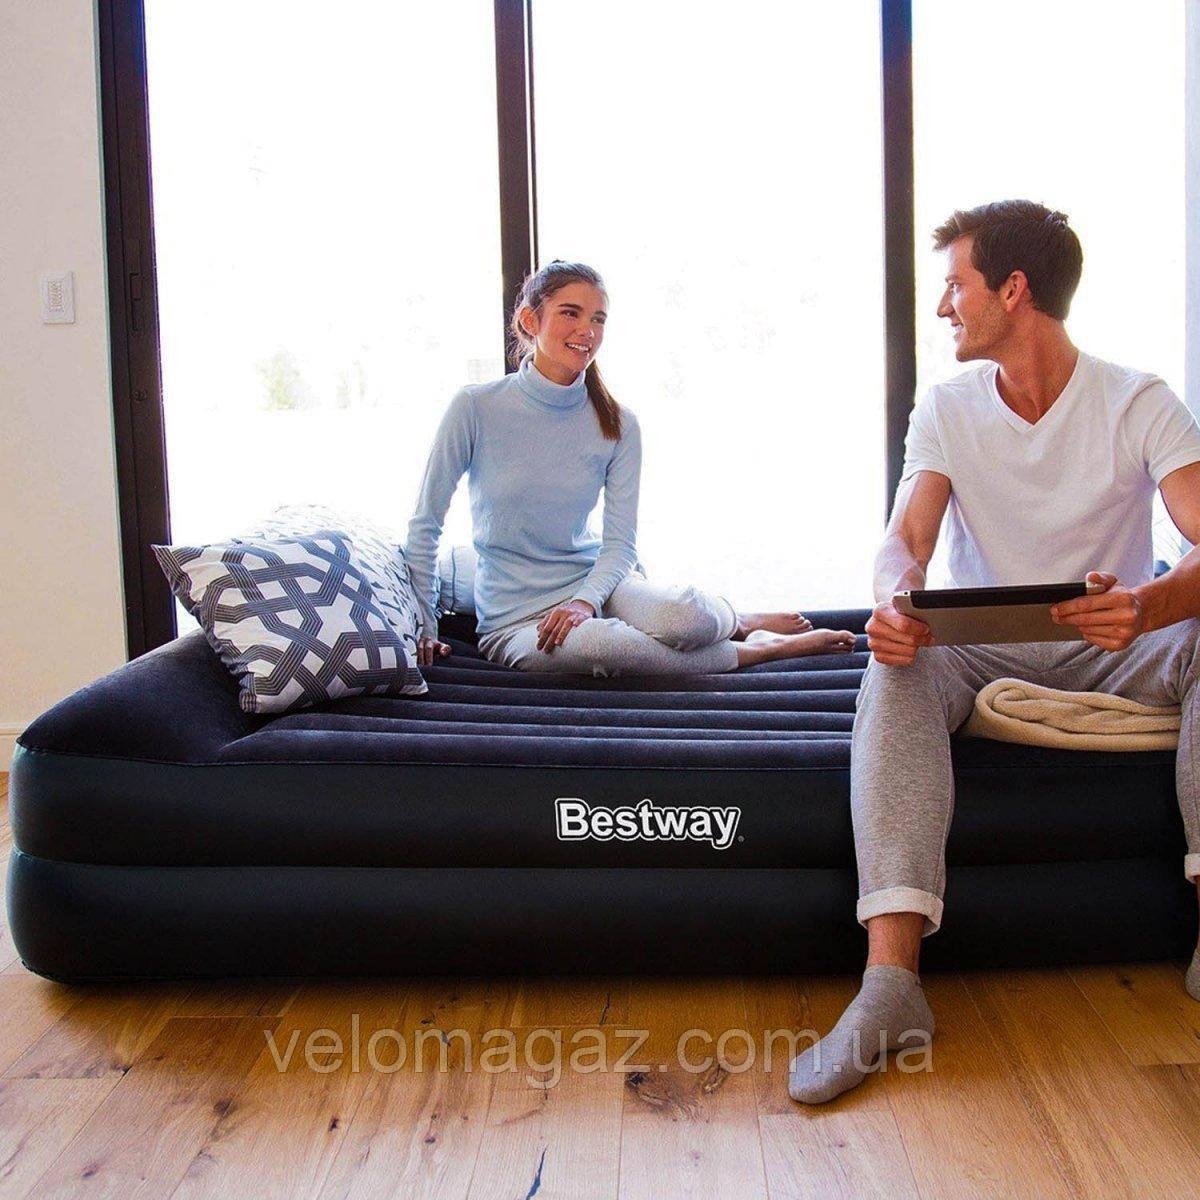 Надувная двухспальная кровать 203*163*48 см, встроенный эл.насос 220V, Bestway 67403